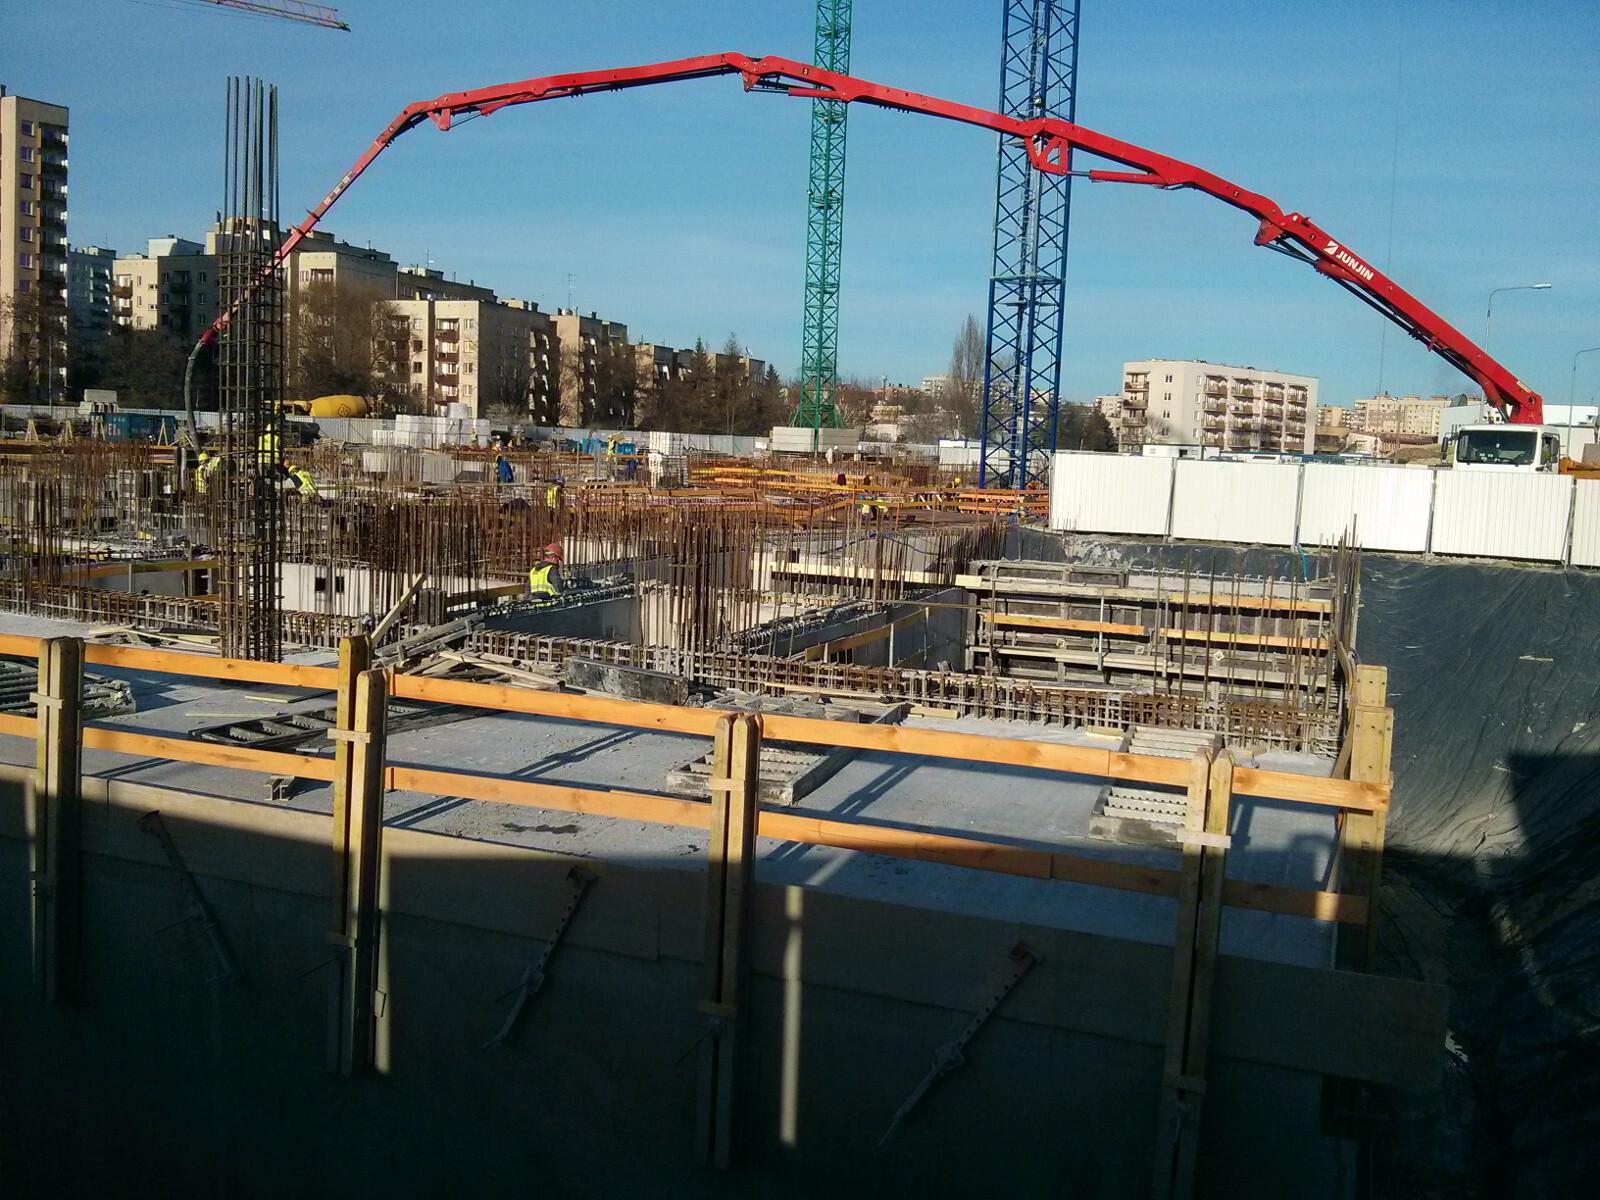 Budimex przy pomocy pompy do betonu zalewa płytę na inwestycji Orlińskiego 1